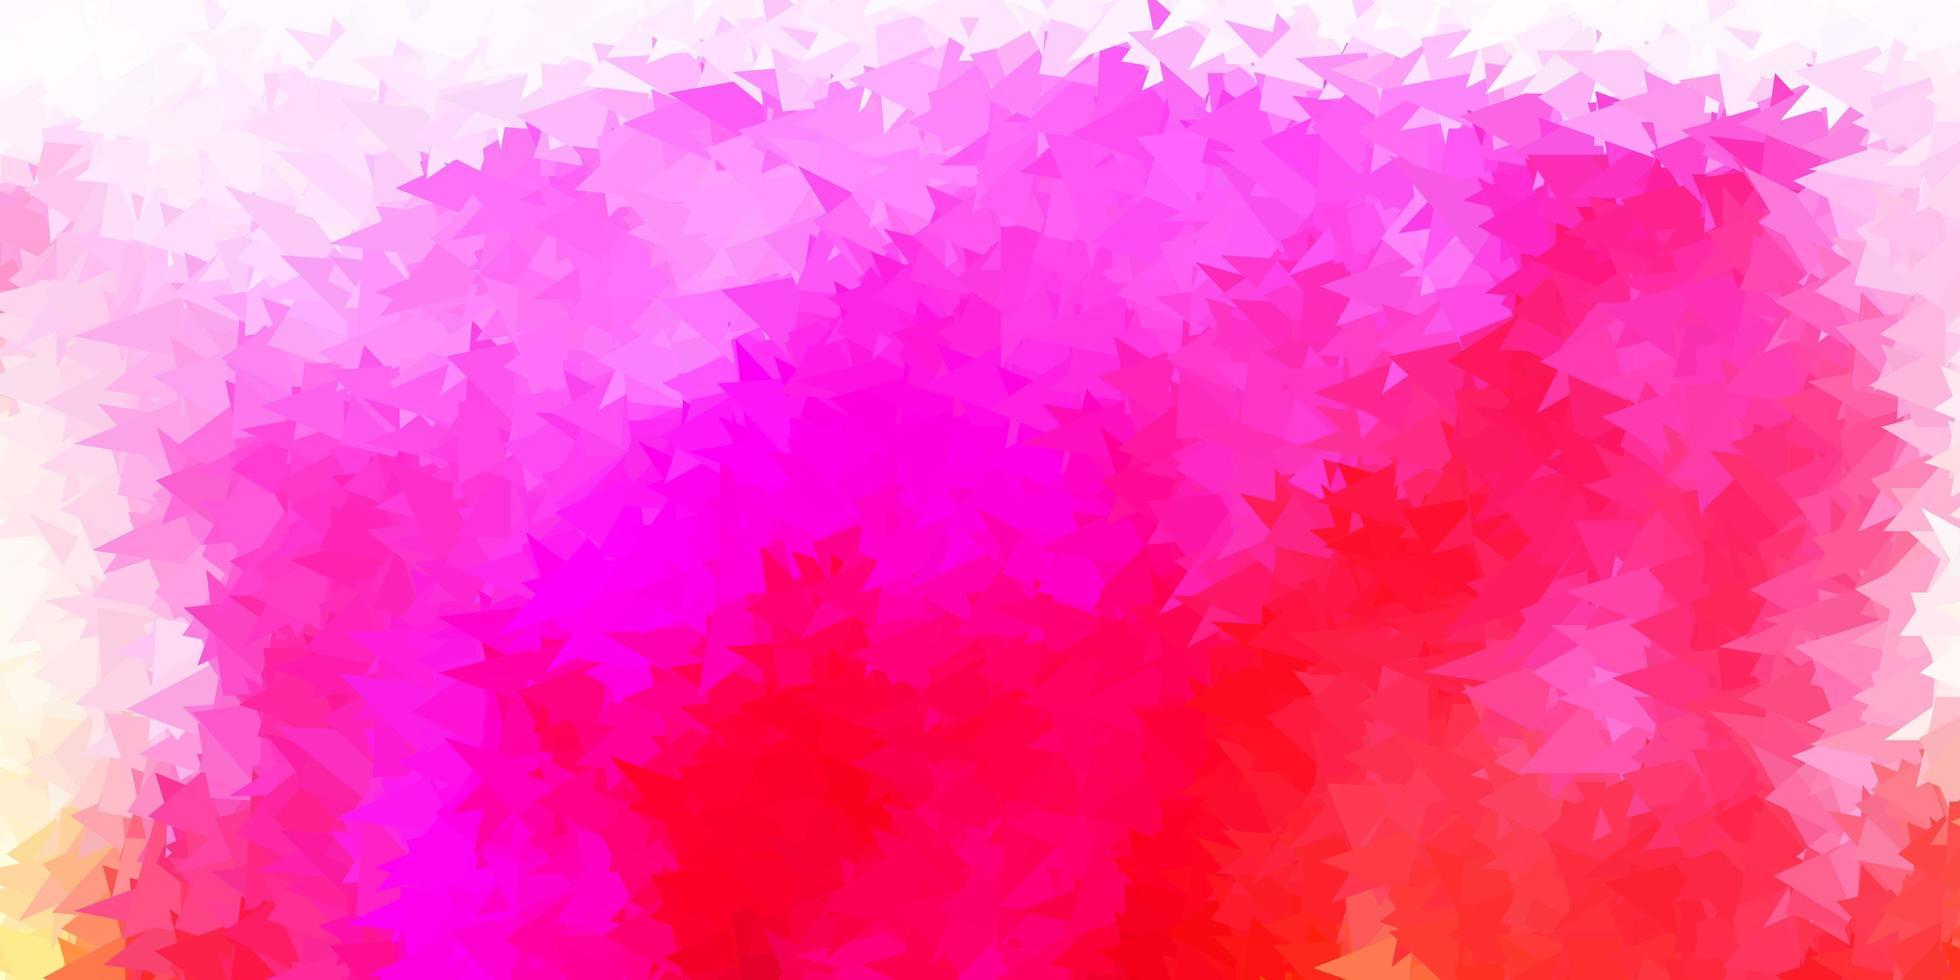 ljusrosa, gul vektor abstrakt triangel bakgrund.